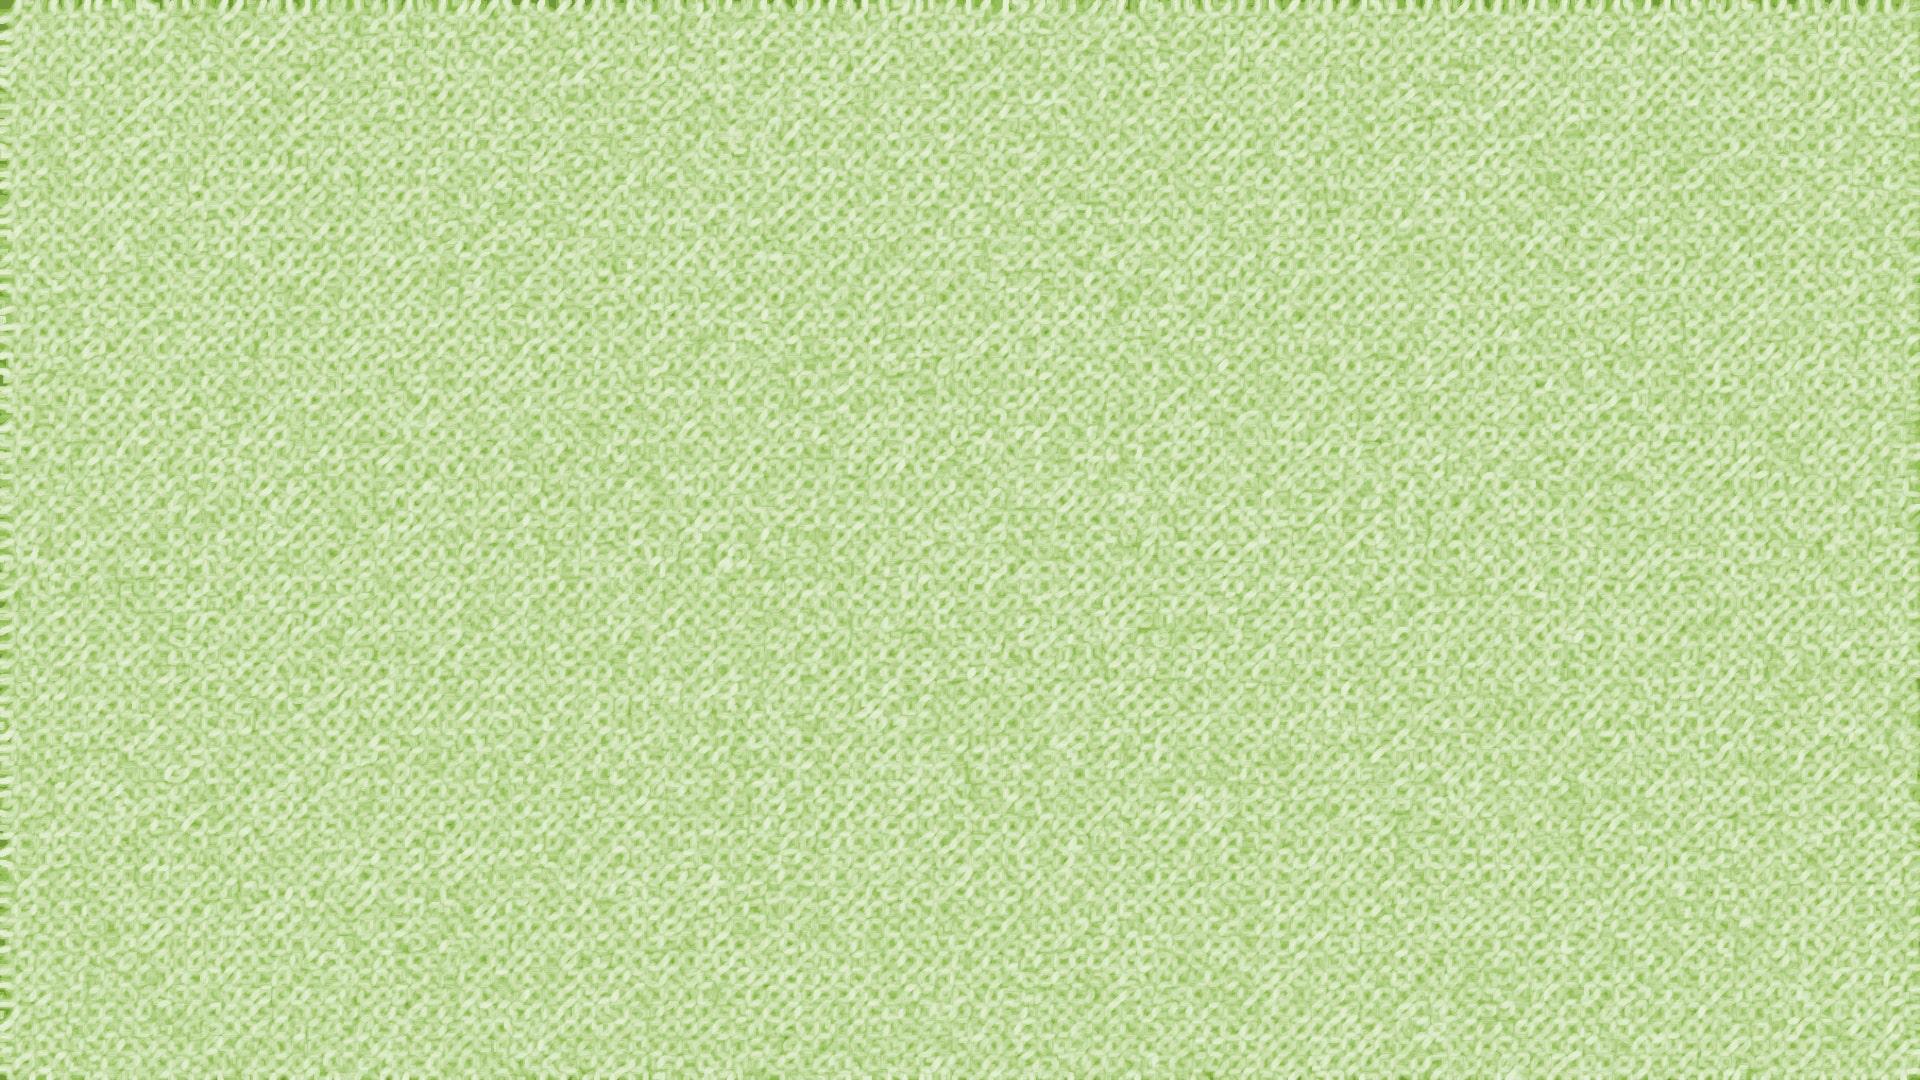 タオル生地_green